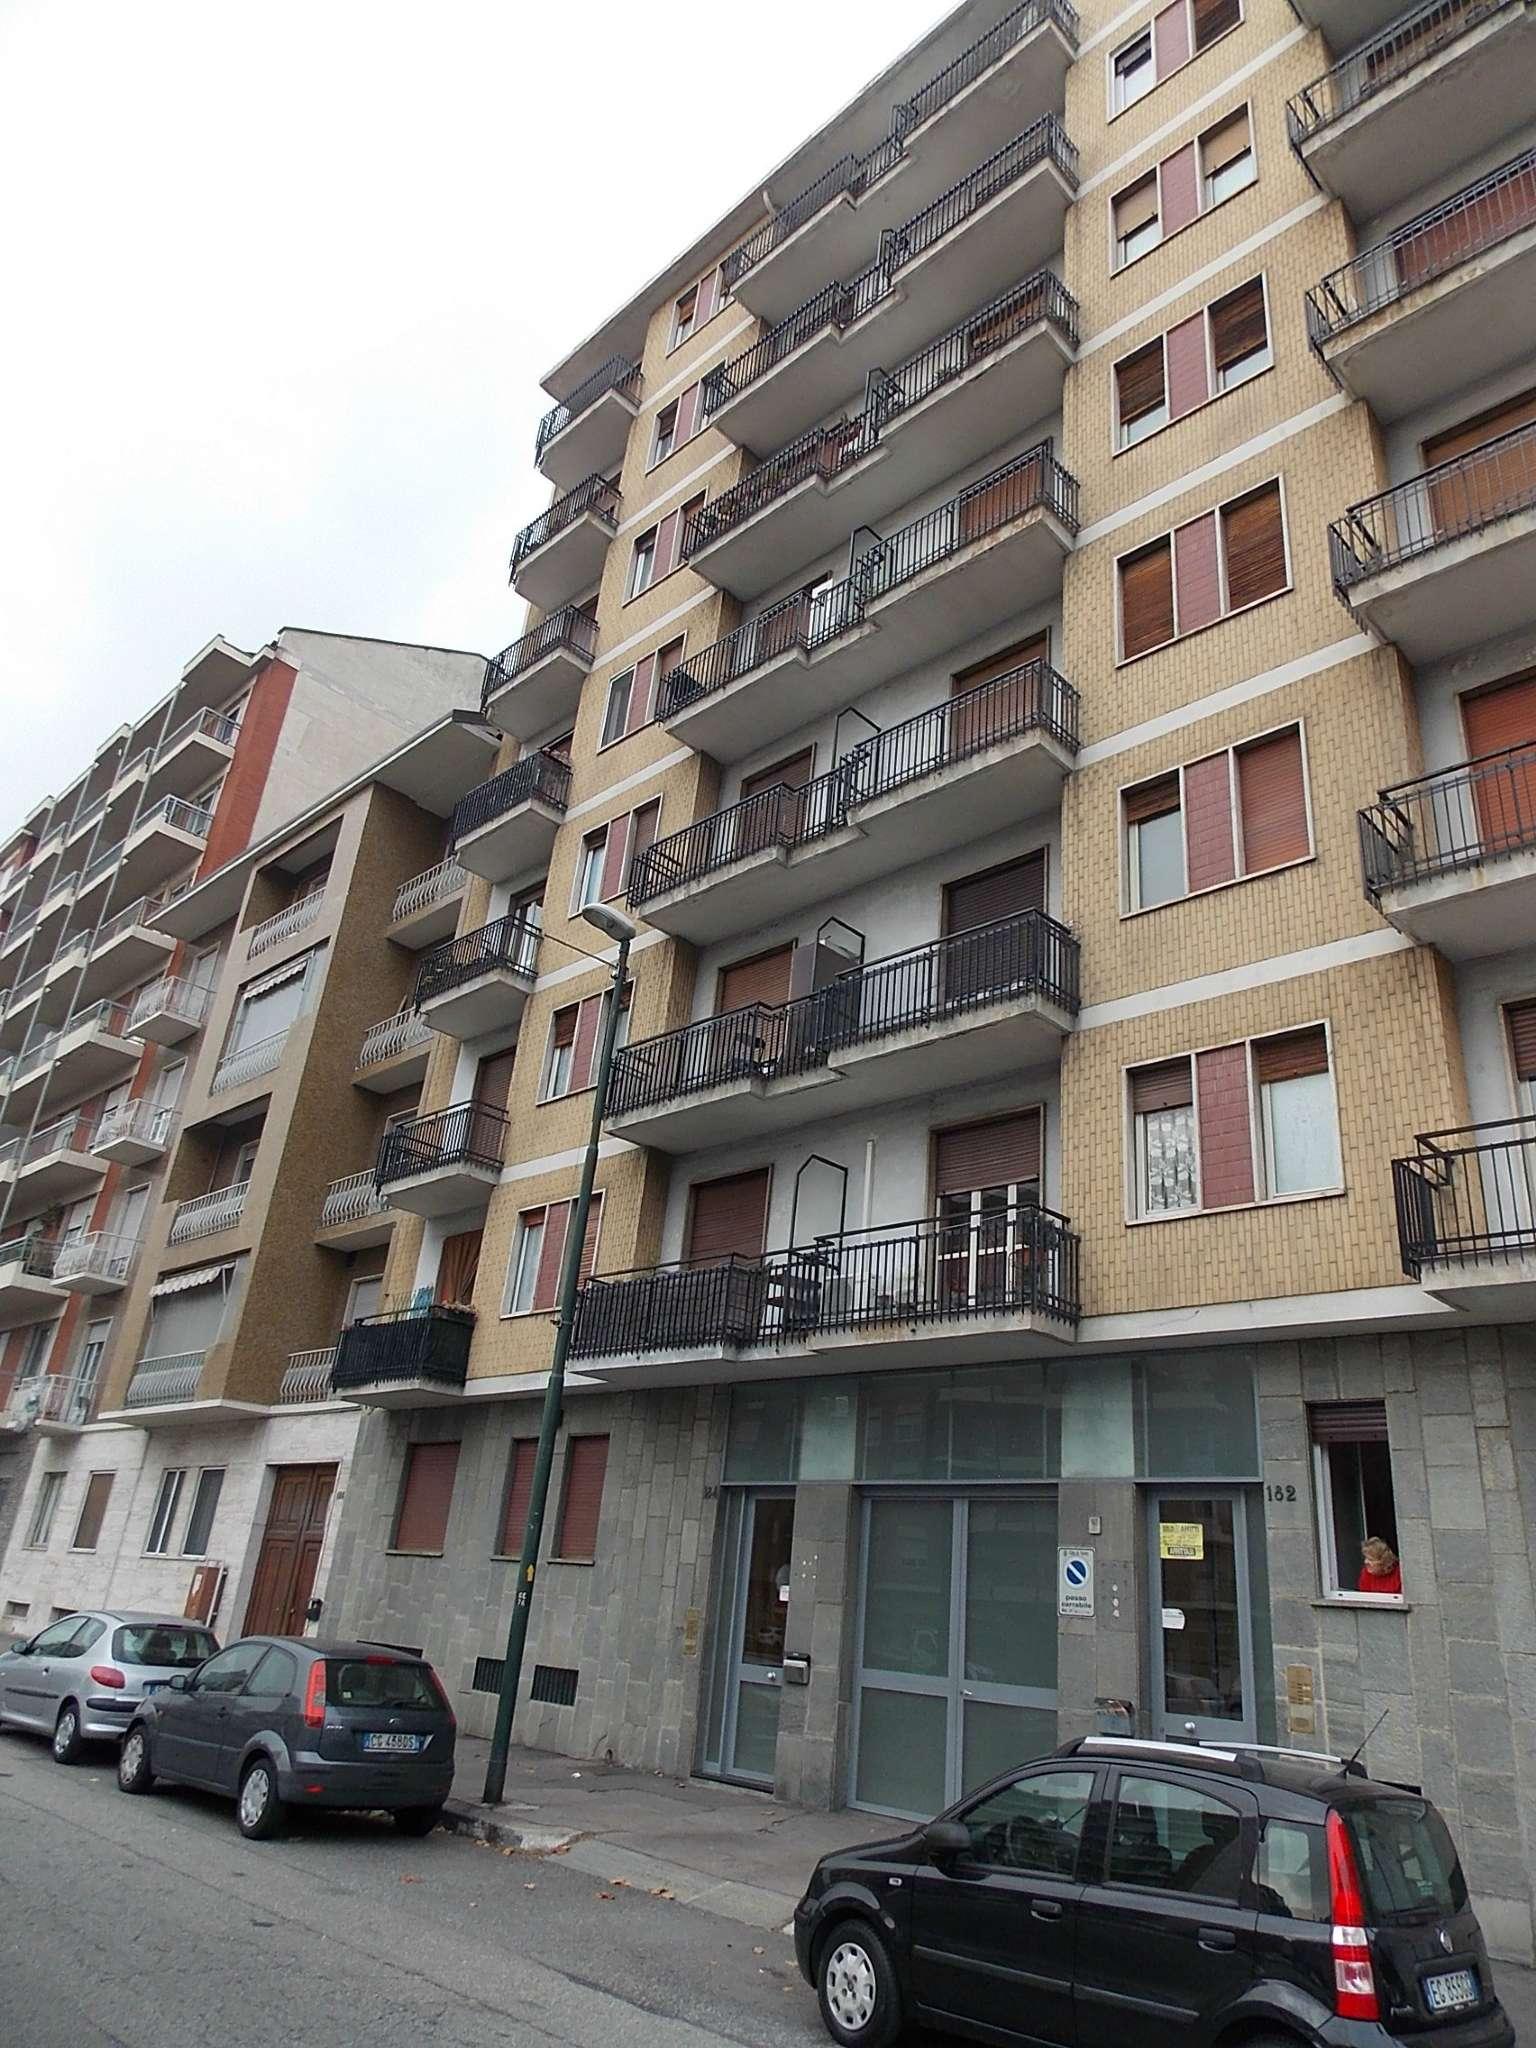 Magazzino in vendita a Torino, 1 locali, zona Zona: 13 . Borgo Vittoria, Madonna di Campagna, Barriera di Lanzo, prezzo € 24.000 | Cambio Casa.it